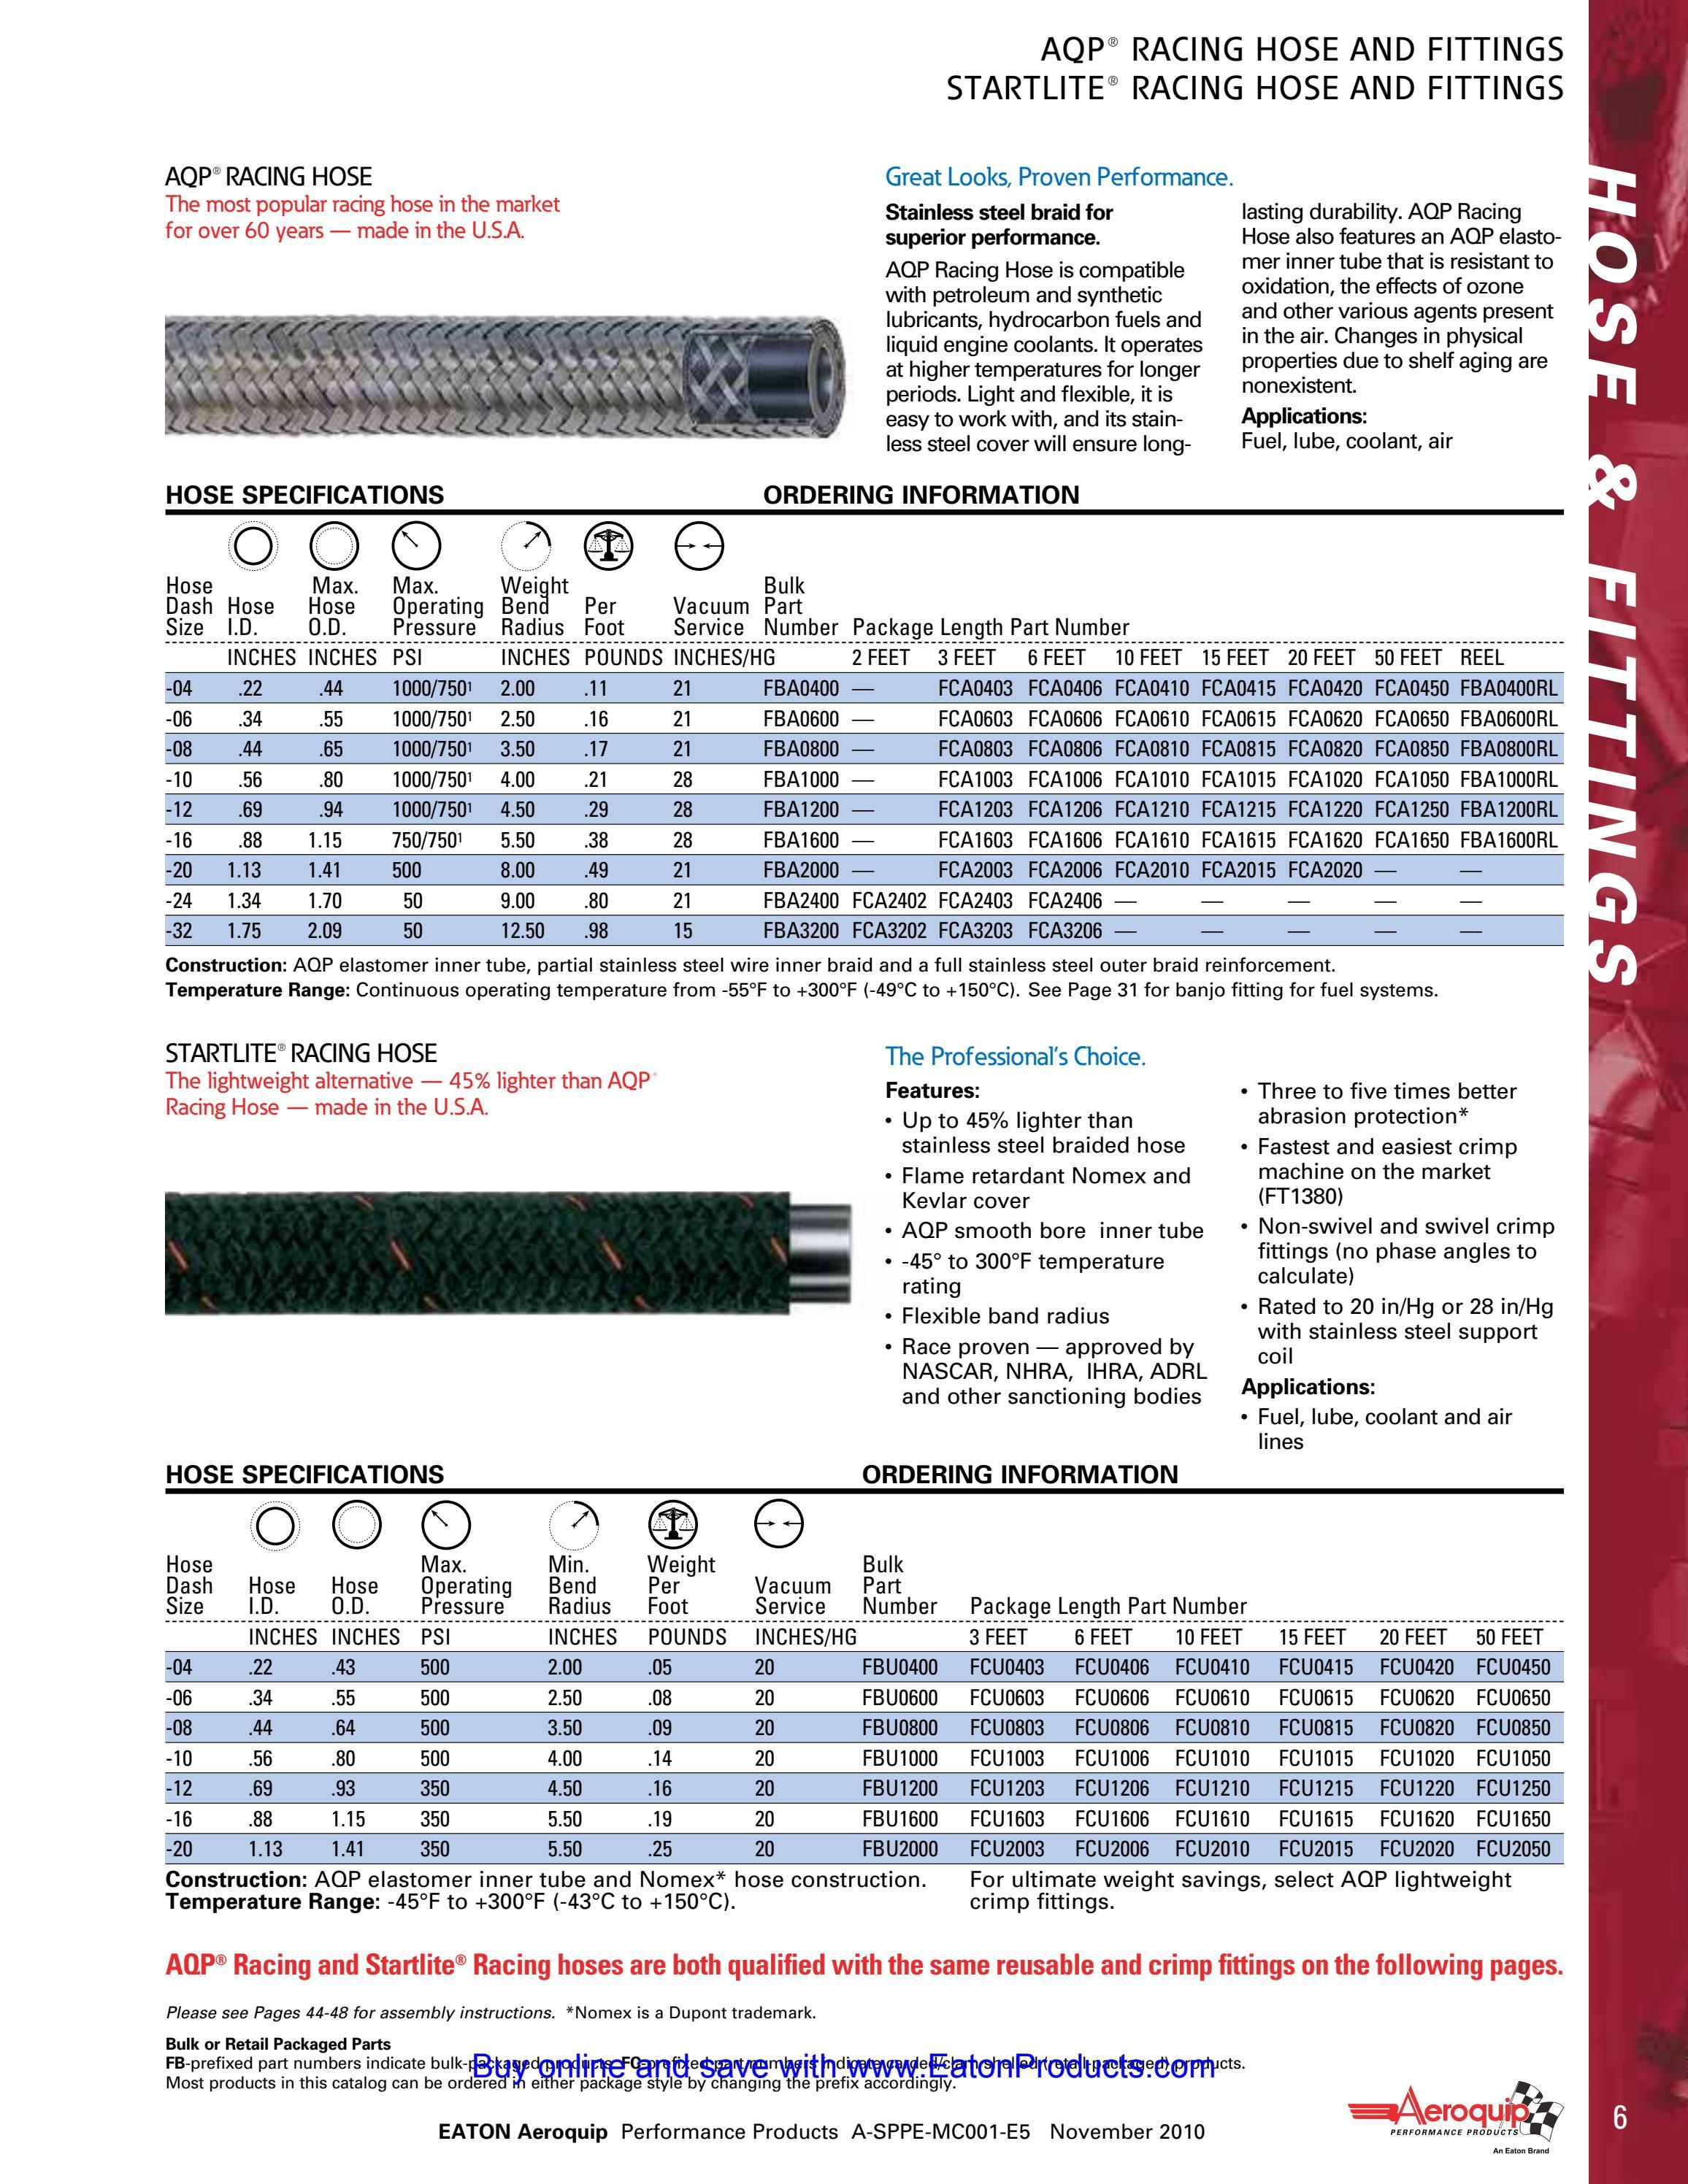 6 Feet 10AN Stainless Steel Braided Hose Aeroquip FCA0815 AQP